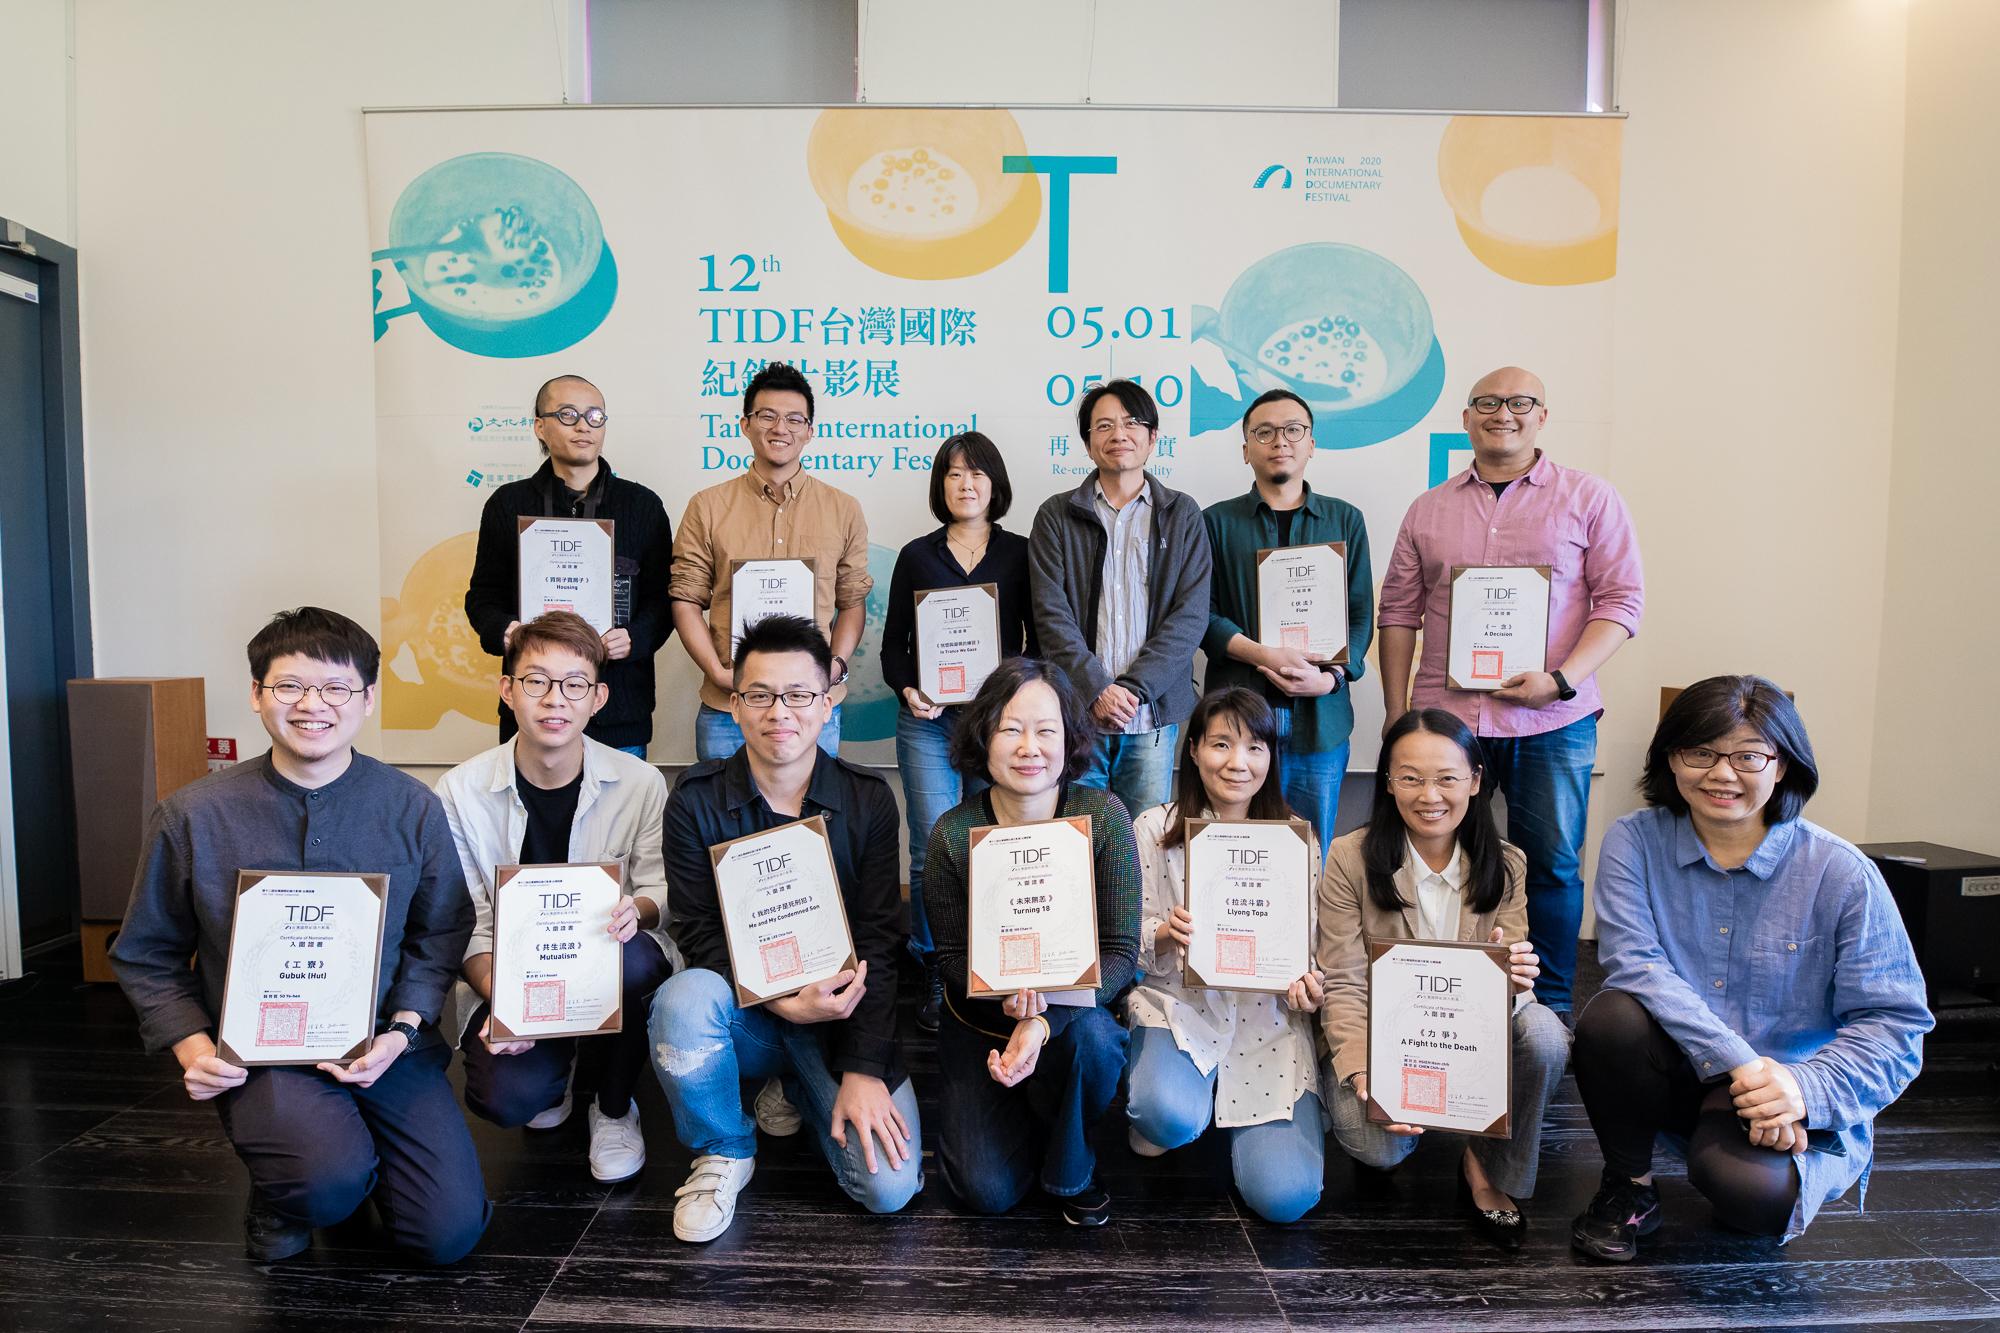 TIDF台灣競賽入圍導演合照